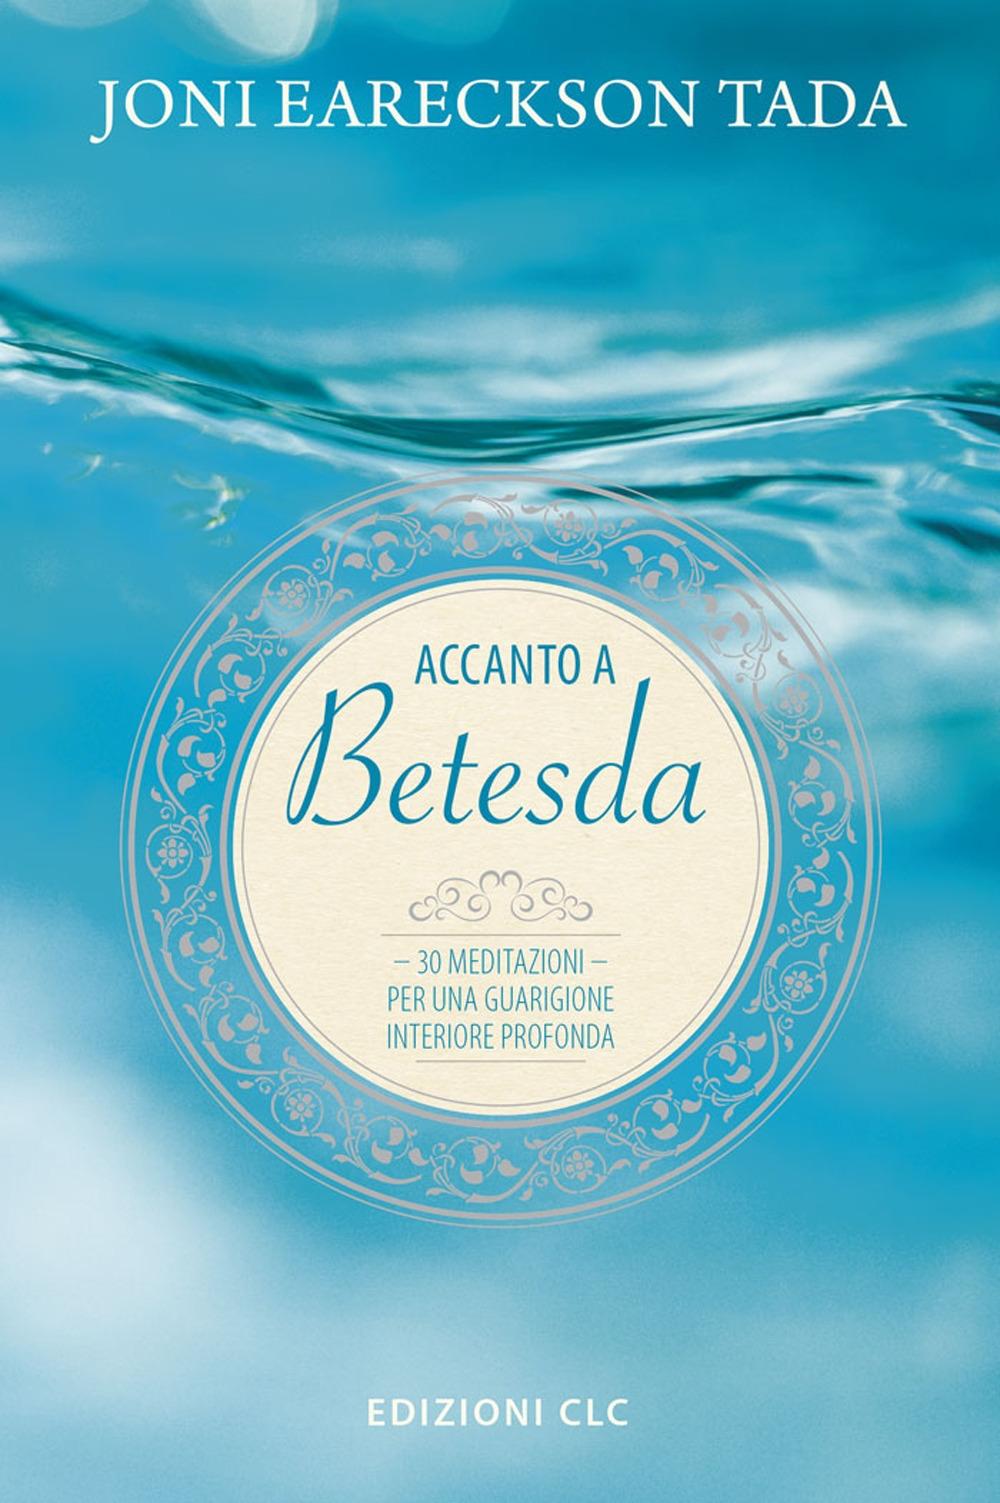 Accanto a Betesda. 30 meditazioni per una guarigione interiore profonda